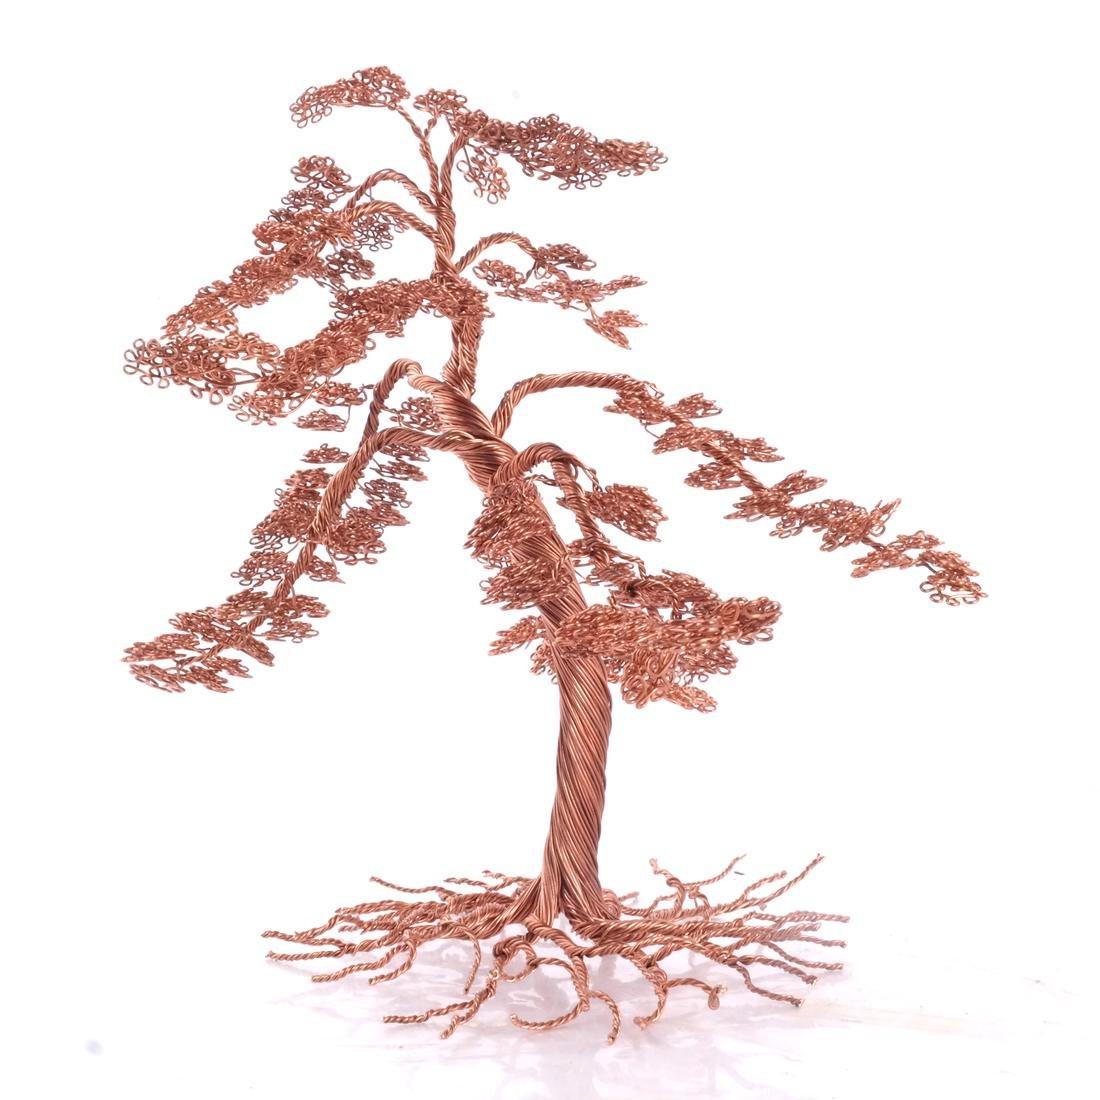 Hudson River Valley Outsider Art: Copper Tree - 5